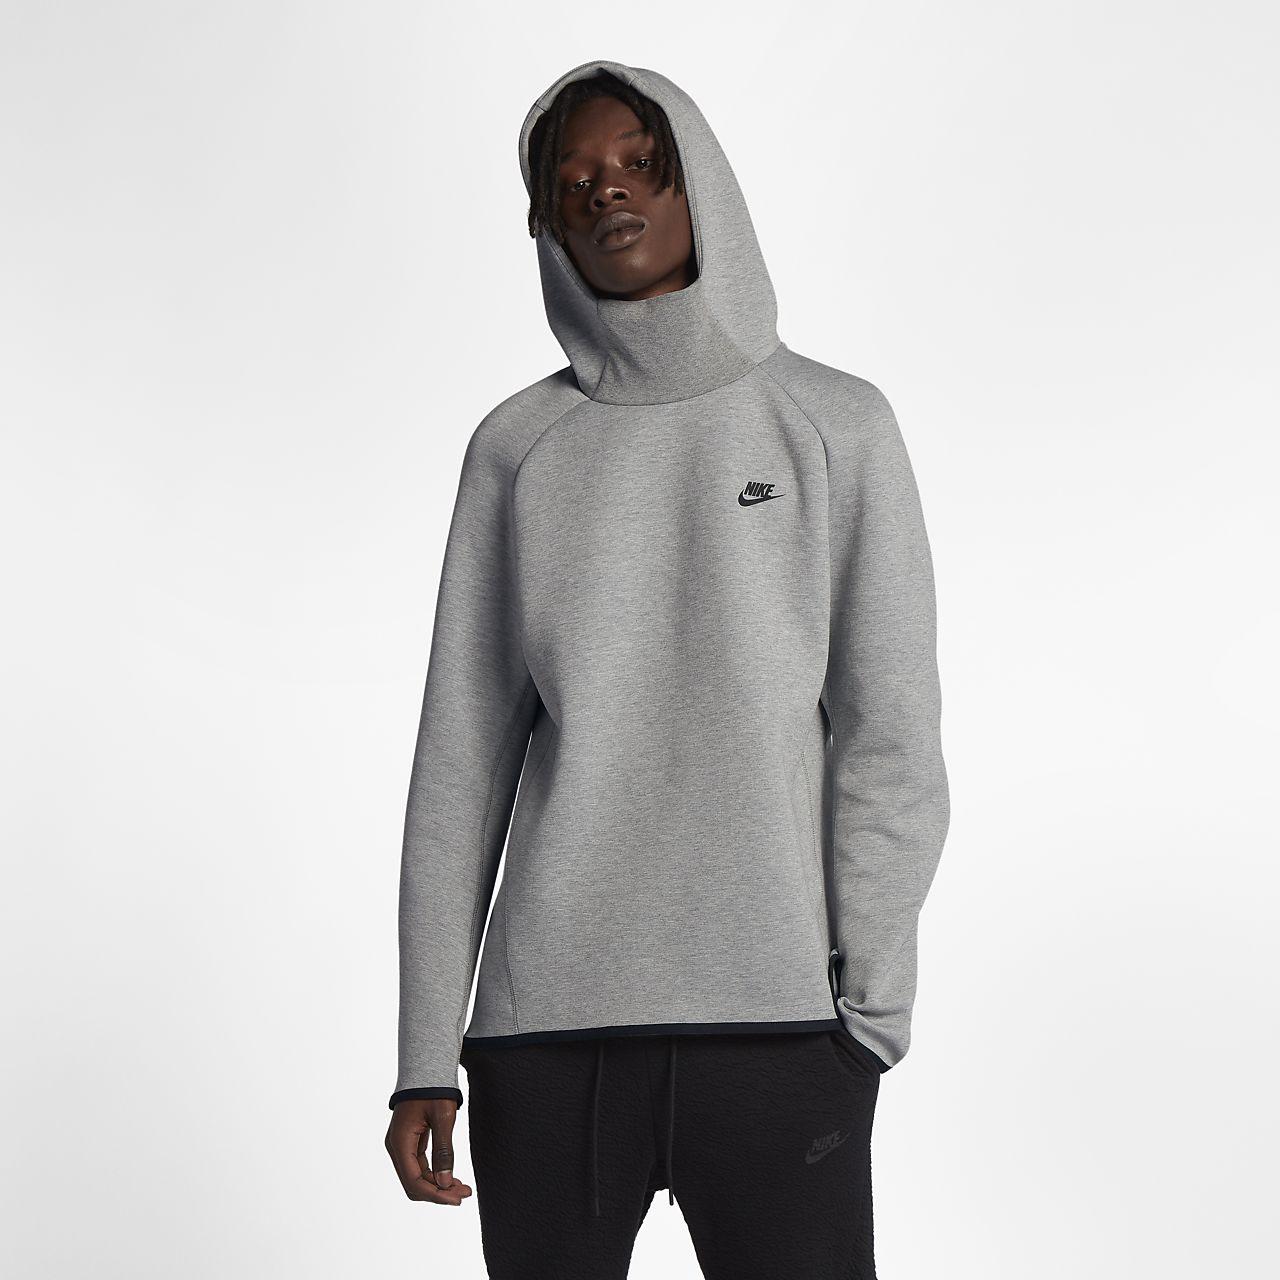 b64145014854 Nike Sportswear Tech Fleece Men s Pullover Hoodie. Nike.com DK